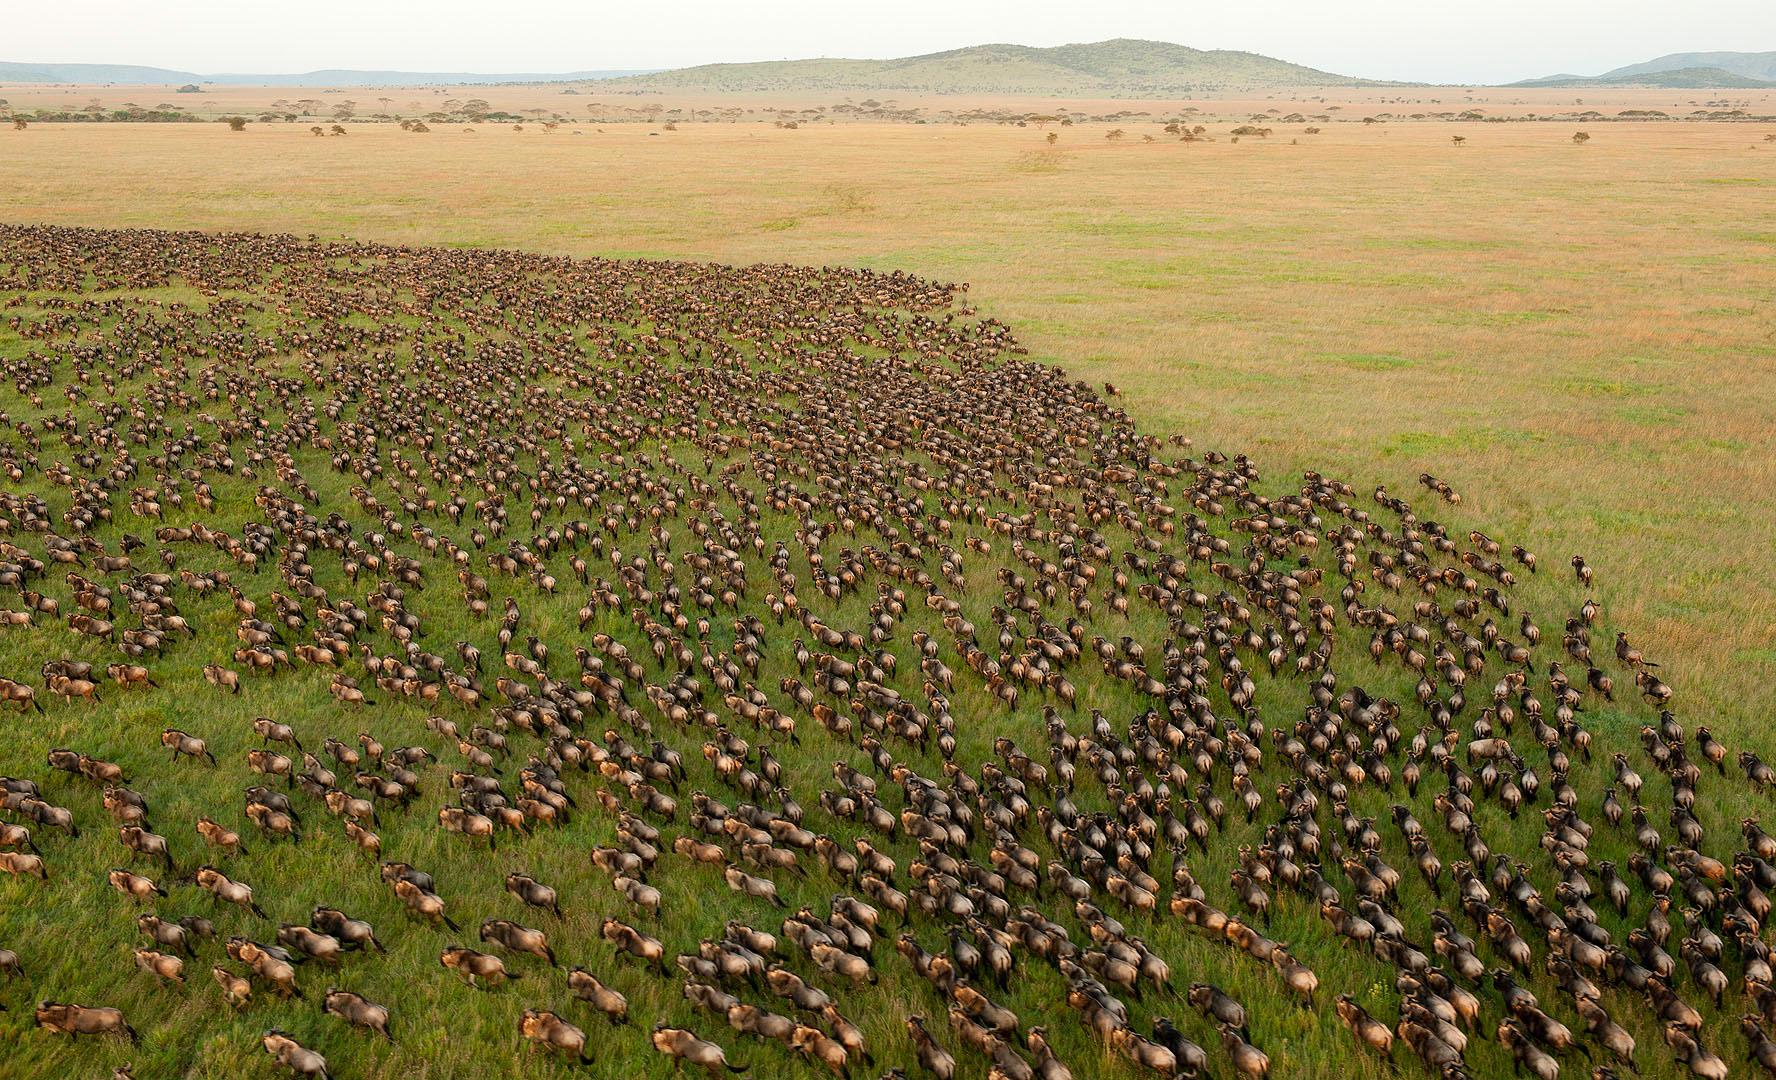 Wildebeest_migration-daniel-rosengren-2